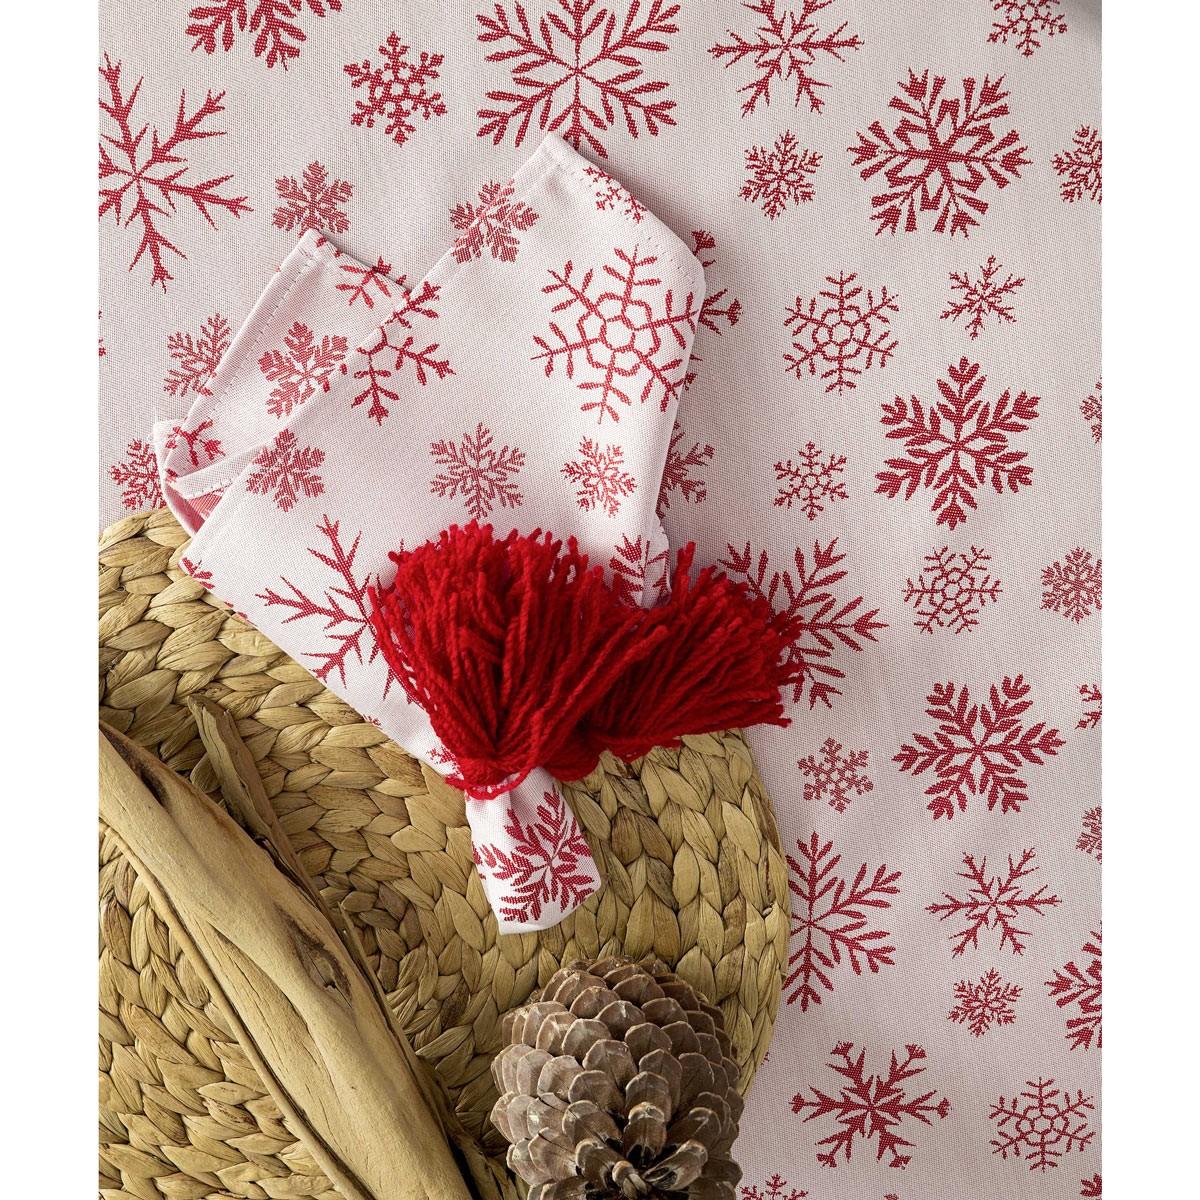 Χριστουγεννιάτικες Πετσέτες Φαγητού (Σετ 4τμχ) Nima Noel Red